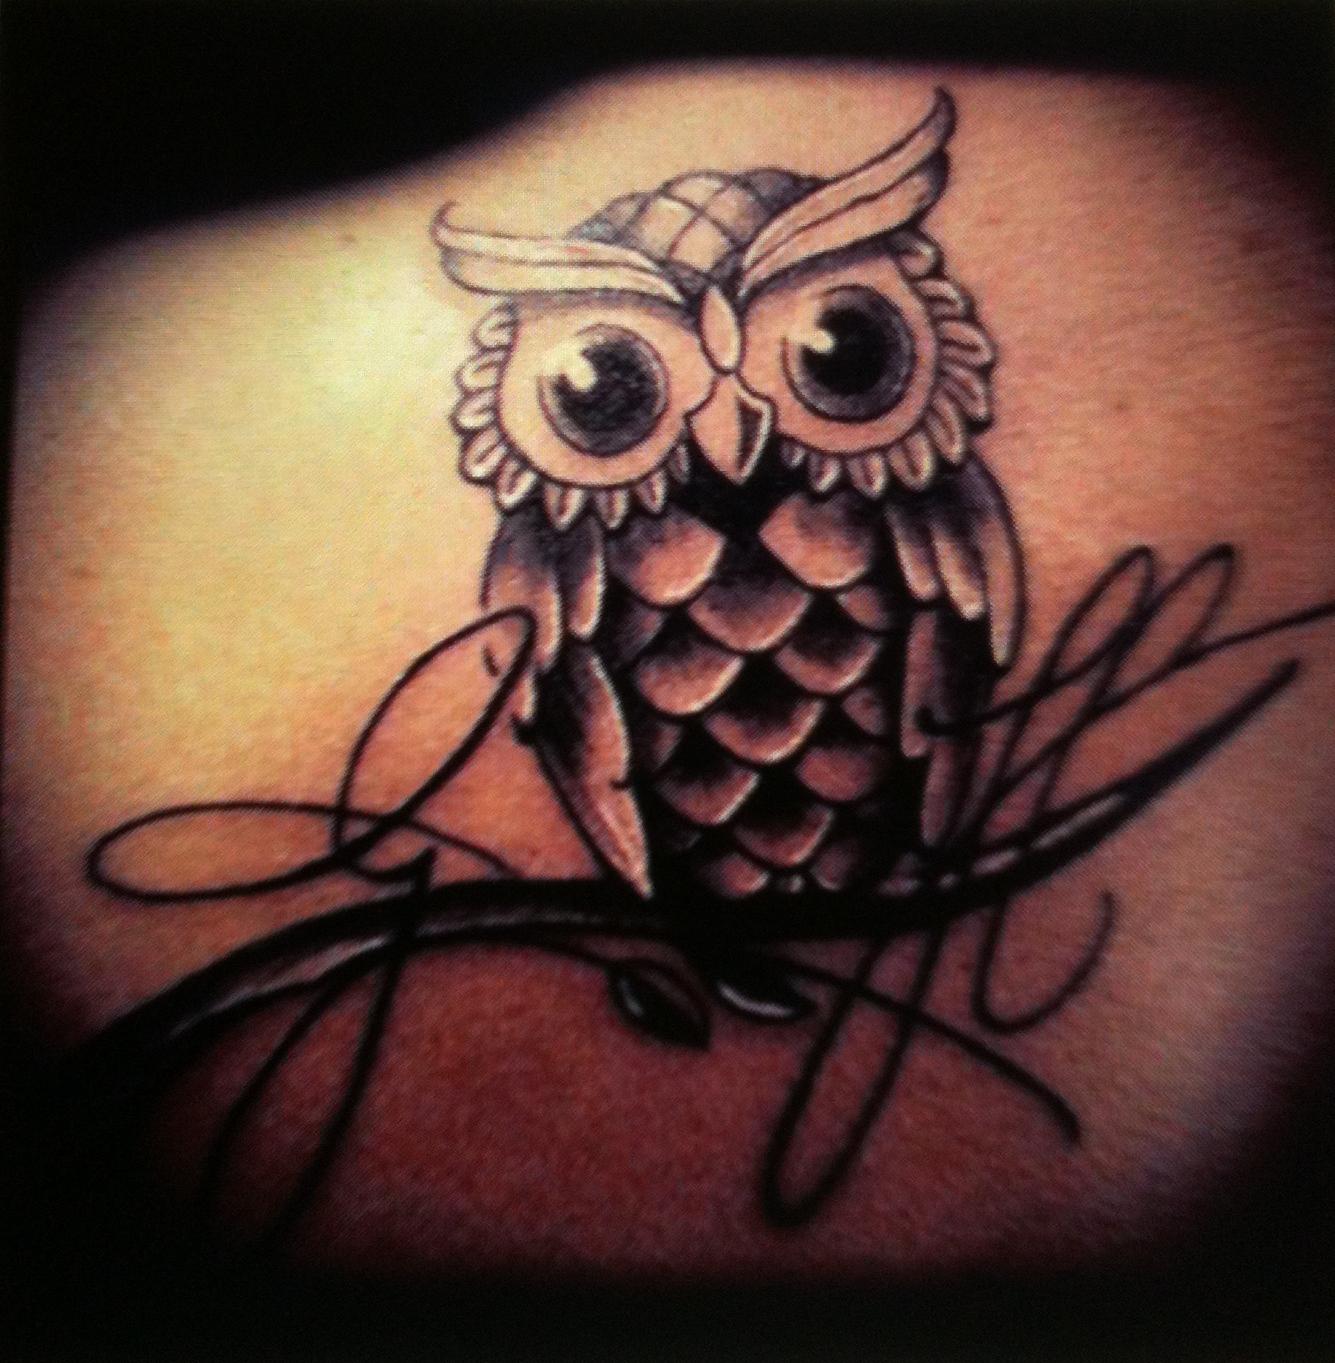 Owl Tattoo Cute Owl Tattoo Owl Tattoo Design Owl Tattoo